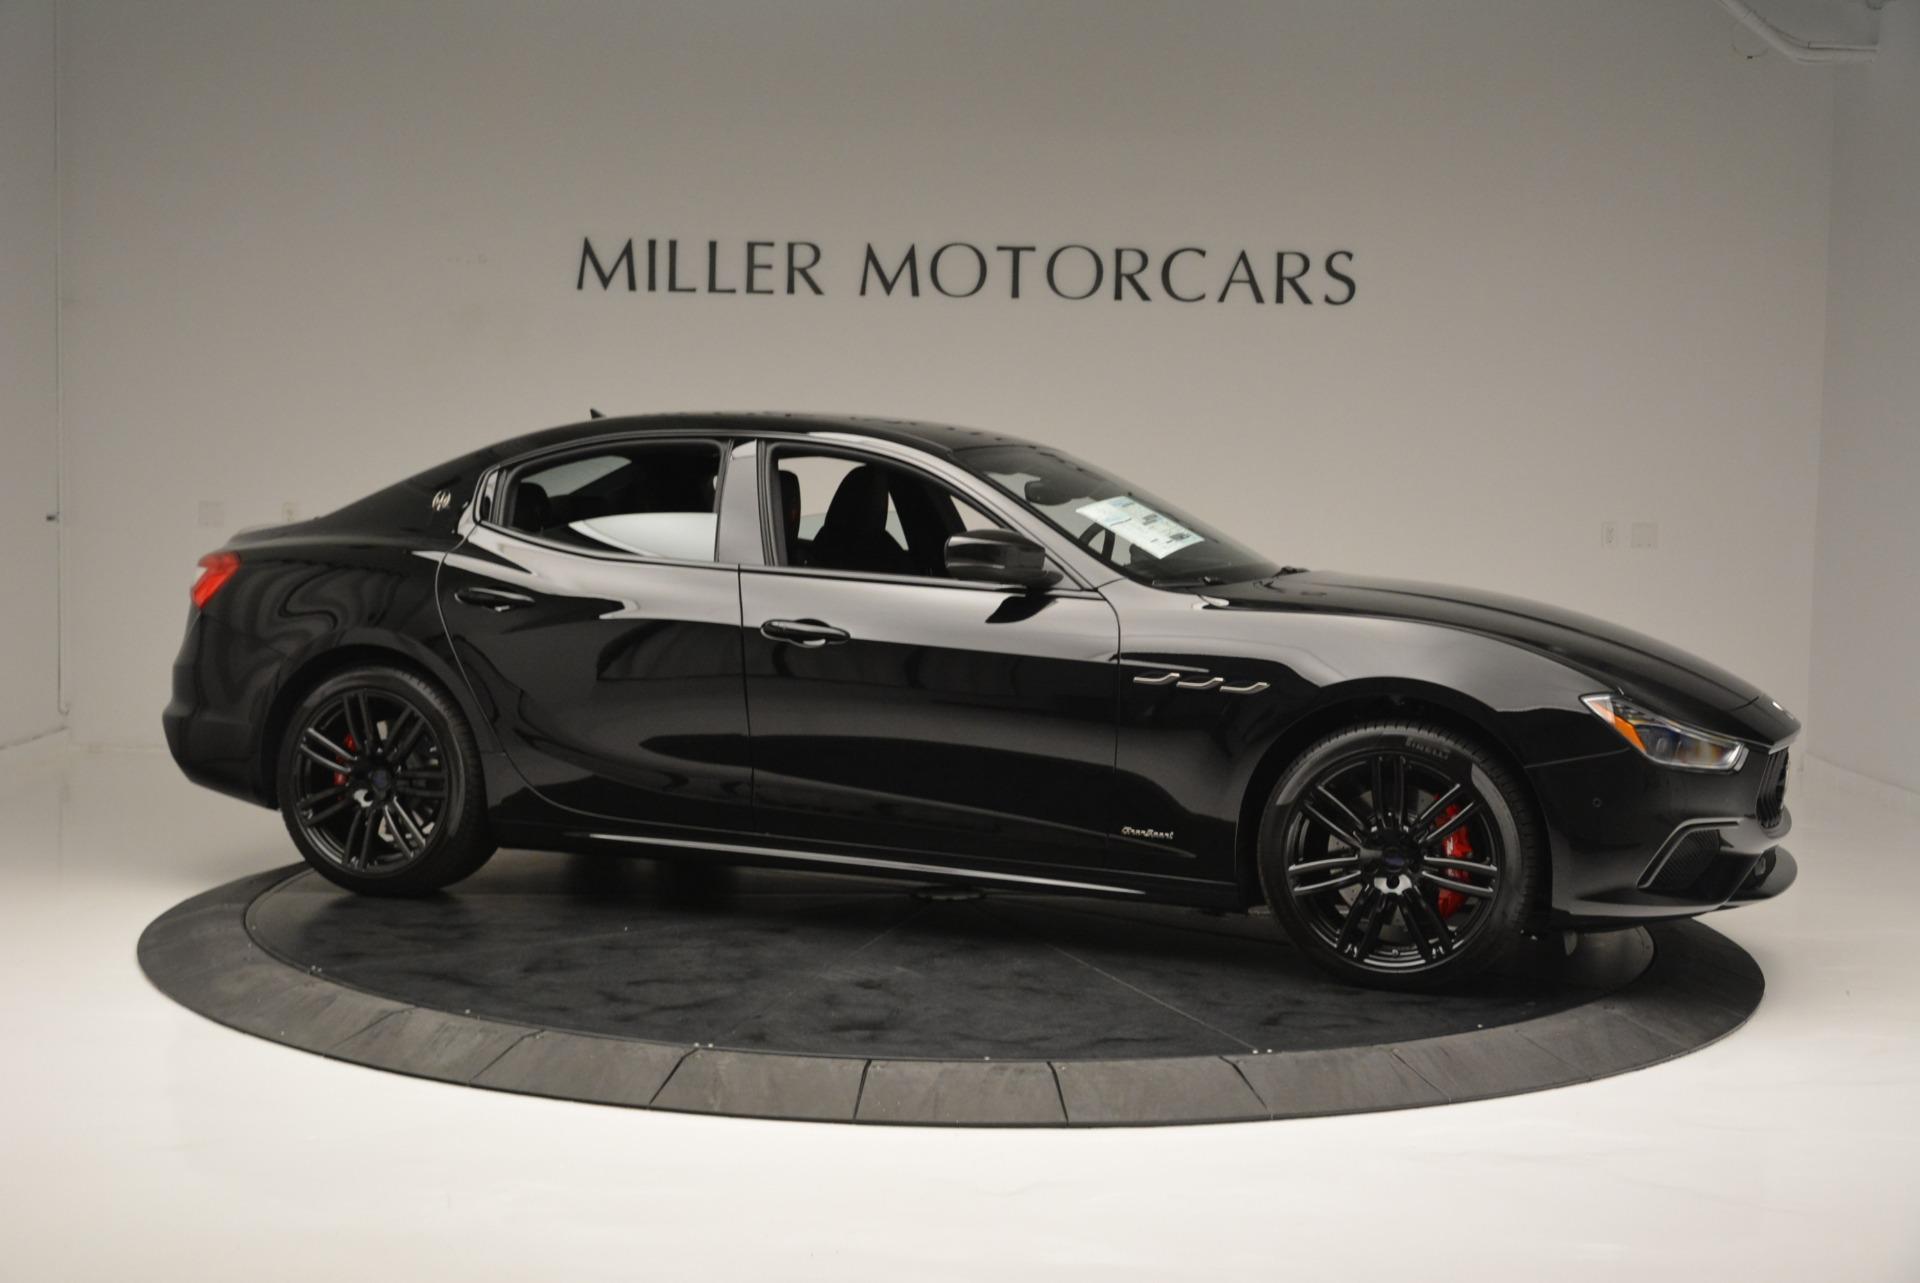 New 2018 Maserati Ghibli SQ4 GranSport Nerissimo For Sale In Greenwich, CT 2366_p10